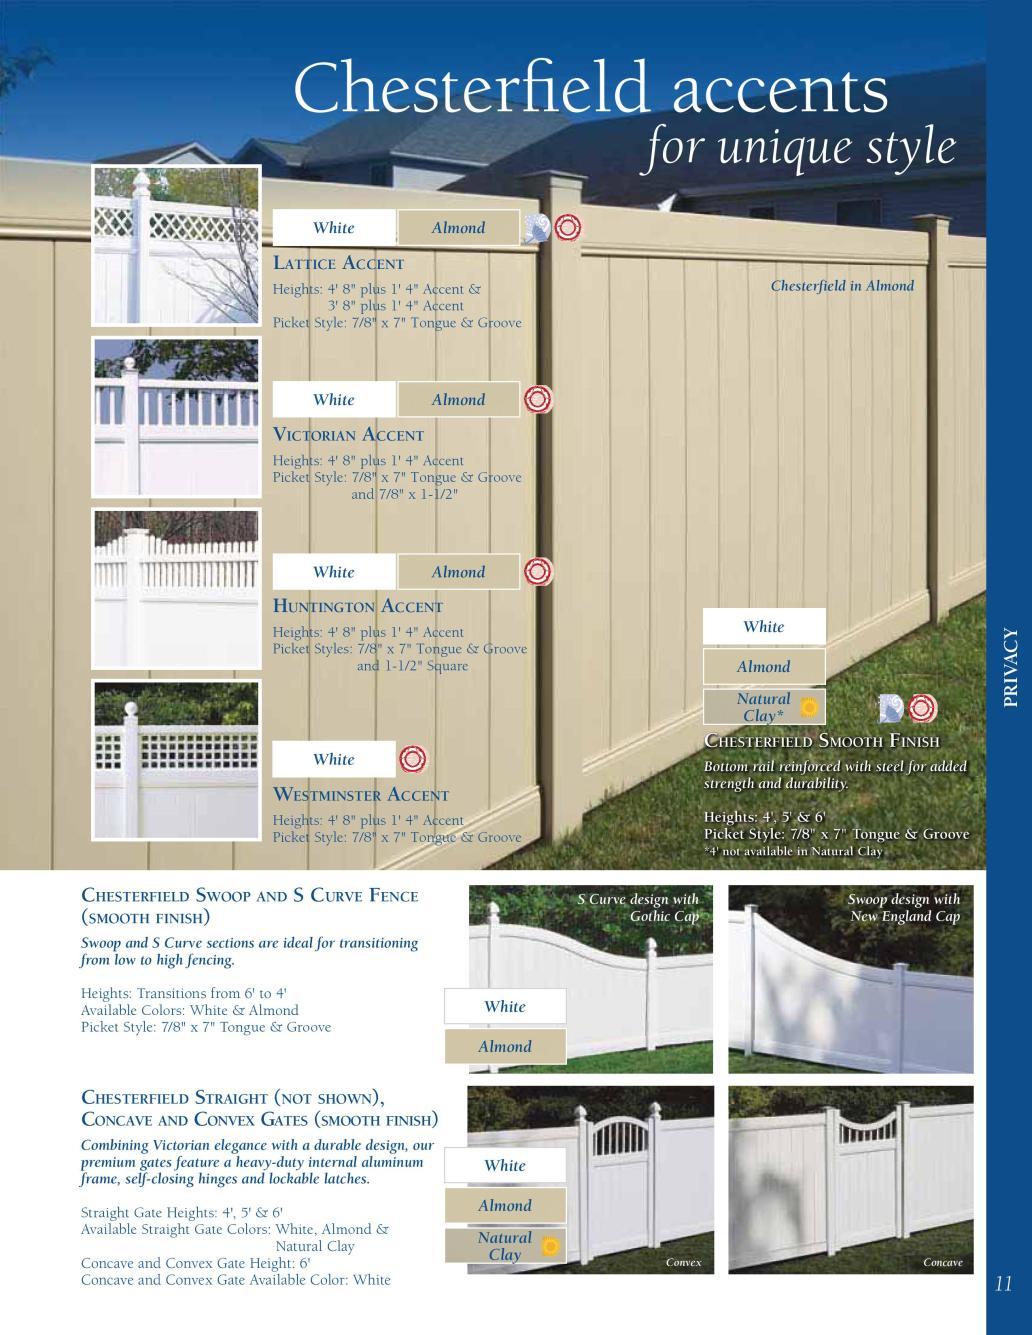 FRD_40-40-70610_Fulline-page-011